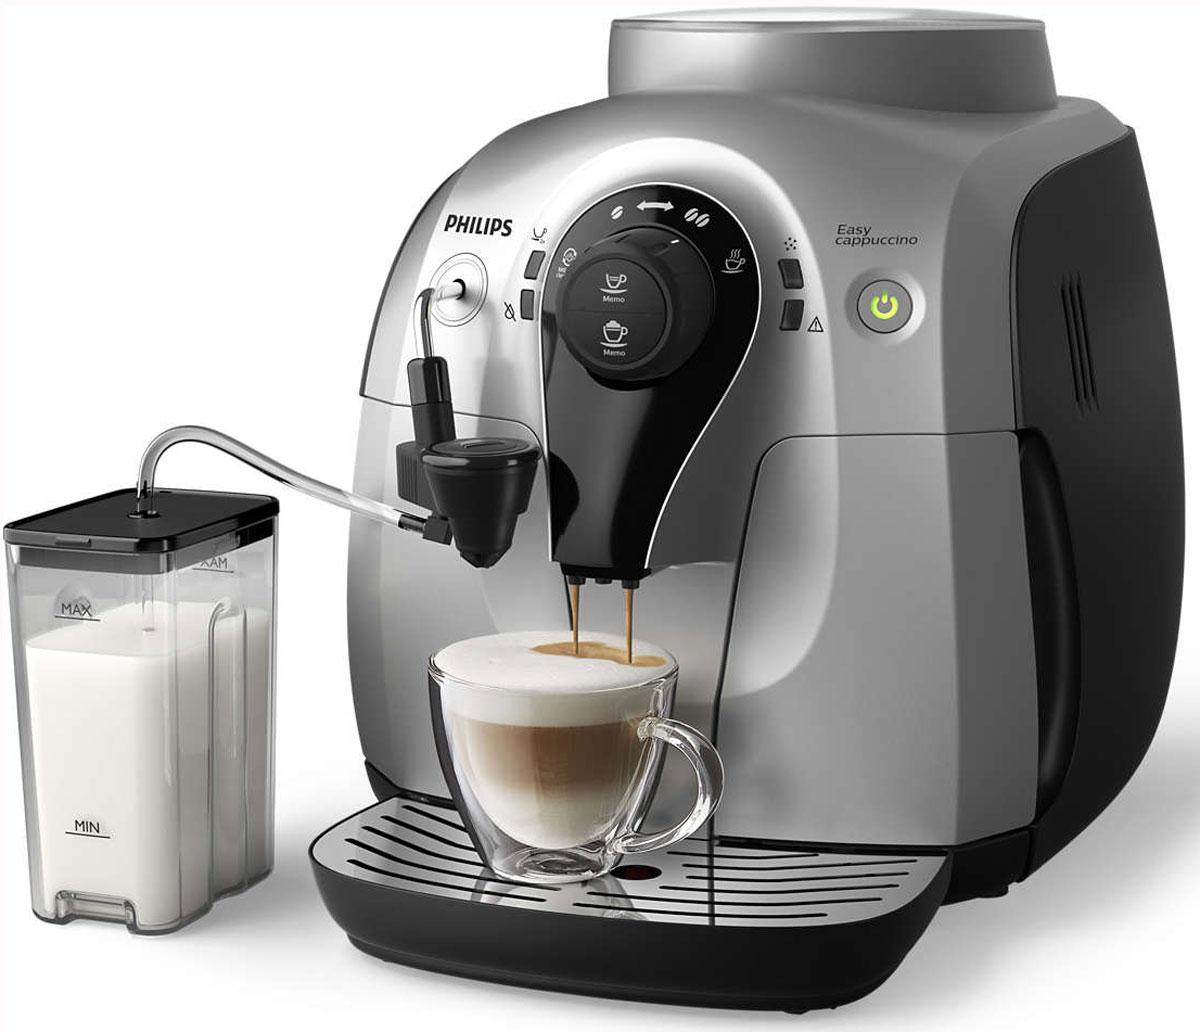 Philips HD8654/59, Silver Black кофемашинаHD8654/59Philips HD8654/59 - это горячий эспрессо, кофе и капучино одним нажатием кнопки Вы можете приготовить чашку превосходного эспрессо из свежемолотых кофейных зерен всего за несколько секунд, просто нажав на кнопку. А благодаря новой системе Easy Cappuccino готовить капучино стало невероятно просто — достаточно нажать соответствующую кнопку. Кроме того, вы можете сварить одновременно две чашки кофе с помощью специальной функции. Надежные керамические жернова кофемолки обеспечивают долгий срок службы и качественную работу Керамический материал устойчив к износу, обеспечивает долгий срок службы и бесшумную работу. Это значит, что качество помола кофе будет оставаться неизменно превосходным при приготовлении более чем 15 000 чашек кофе, в которых сохранится весь аромат кофейных зерен. Горячий кофе с первой чашки благодаря быстрому нагреву бойлера Забудьте о едва теплом кофе. Бойлер кофемашины Philips HD8654/59 быстро нагревается, поэтому...